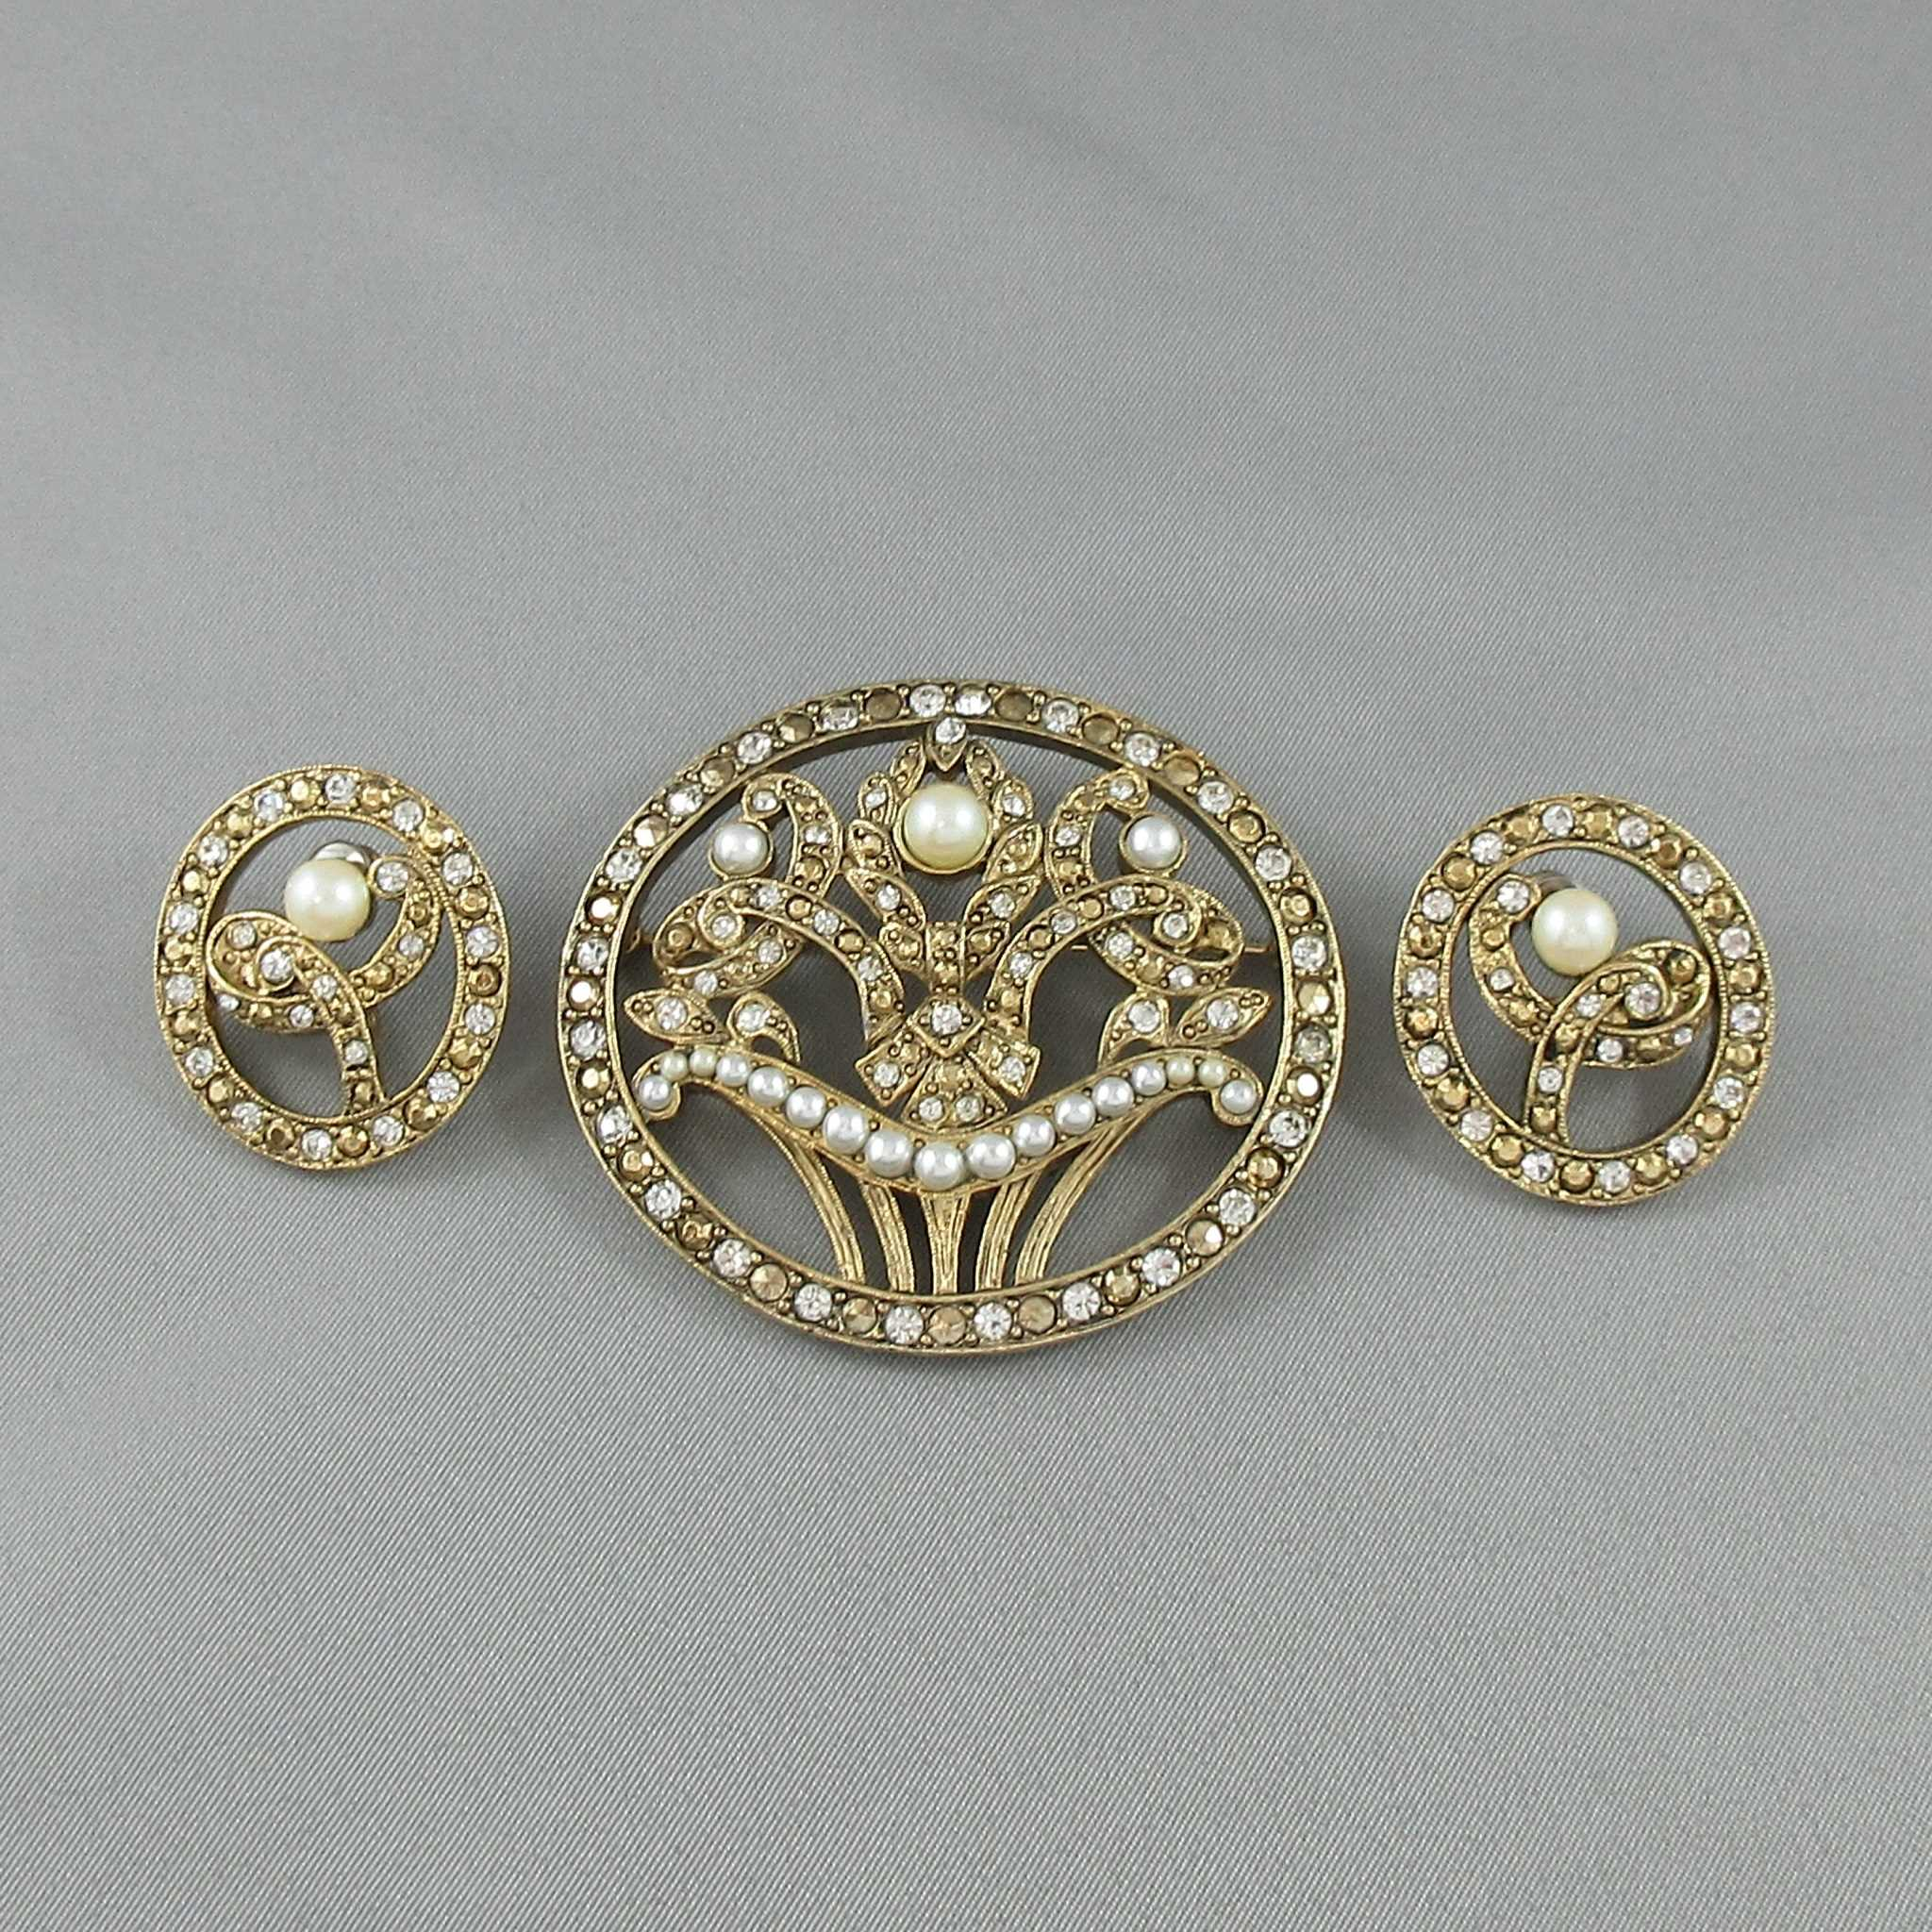 Richelieu Jewelry Set Brooch And Earrings La Boite A Bijoux